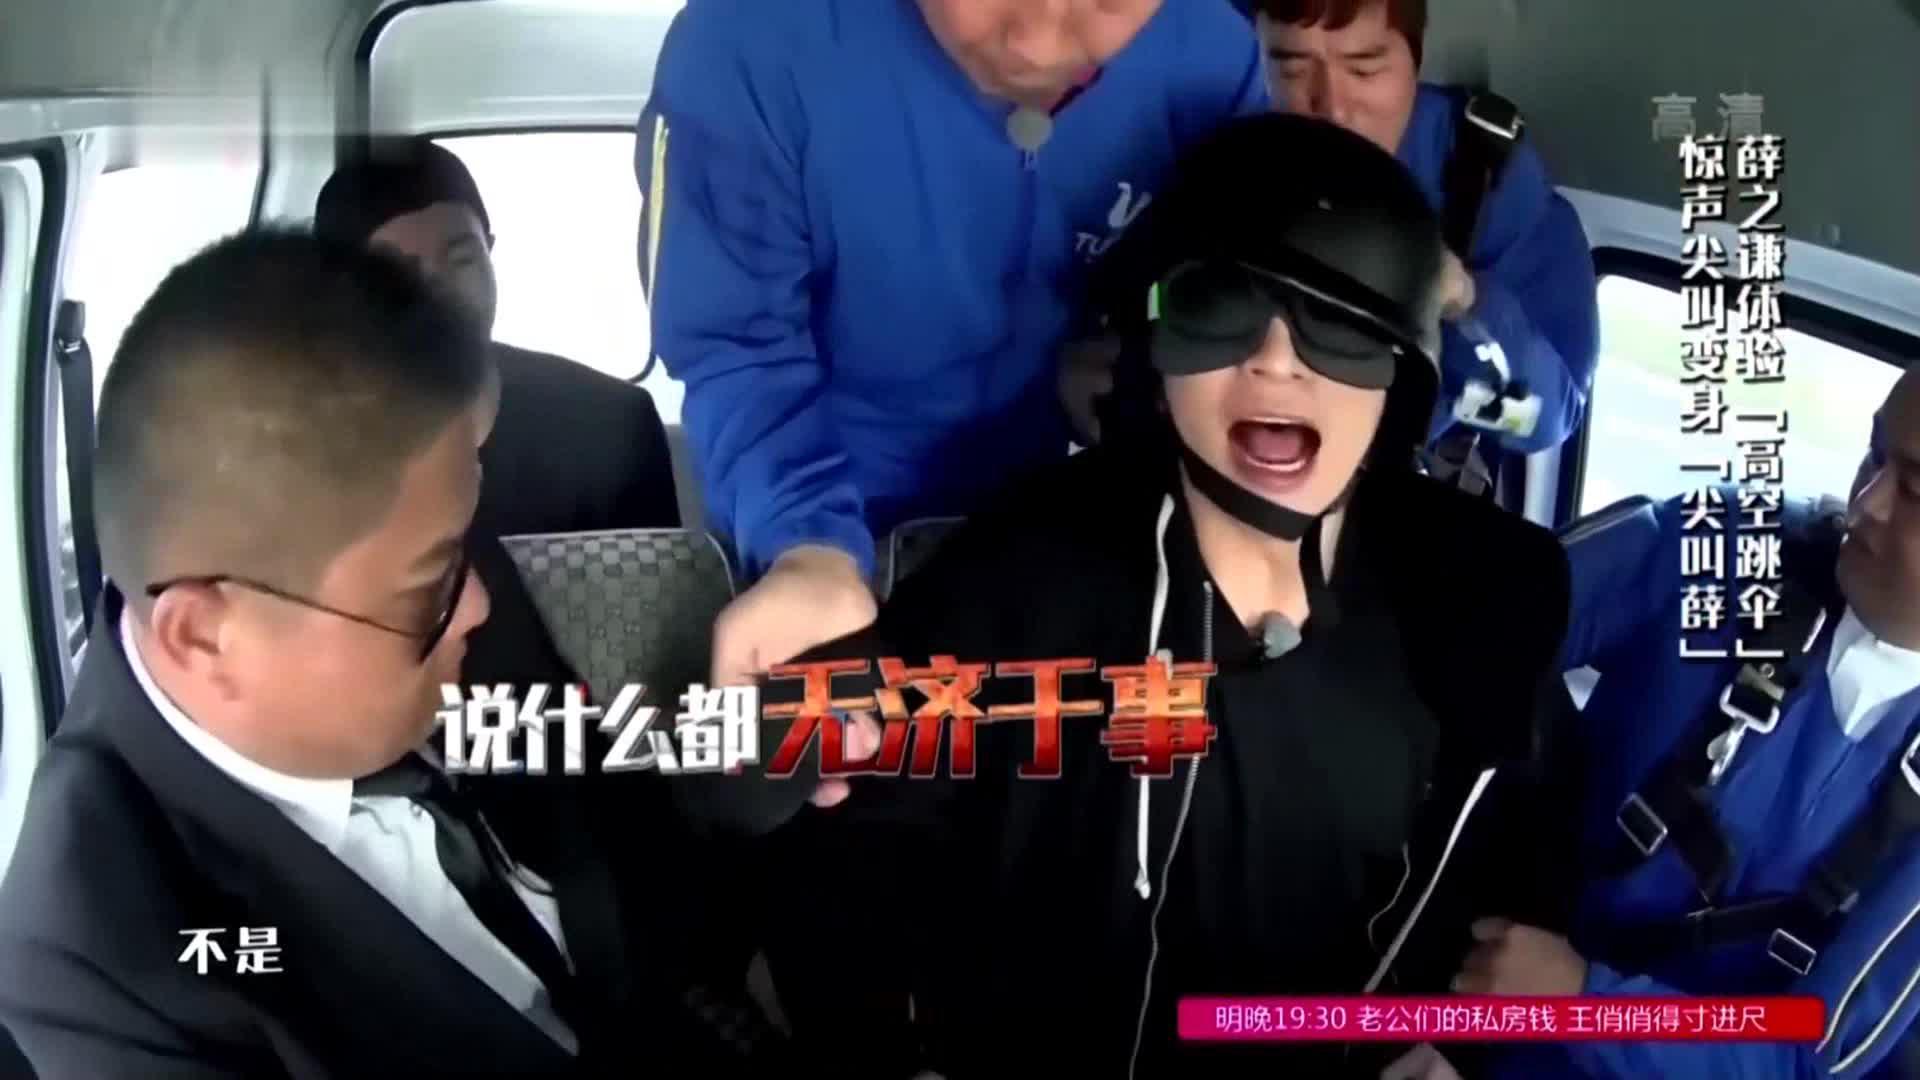 黄晓明骗薛之谦高空跳伞,薛之谦:我爸爸还等我回去吃饭呢?